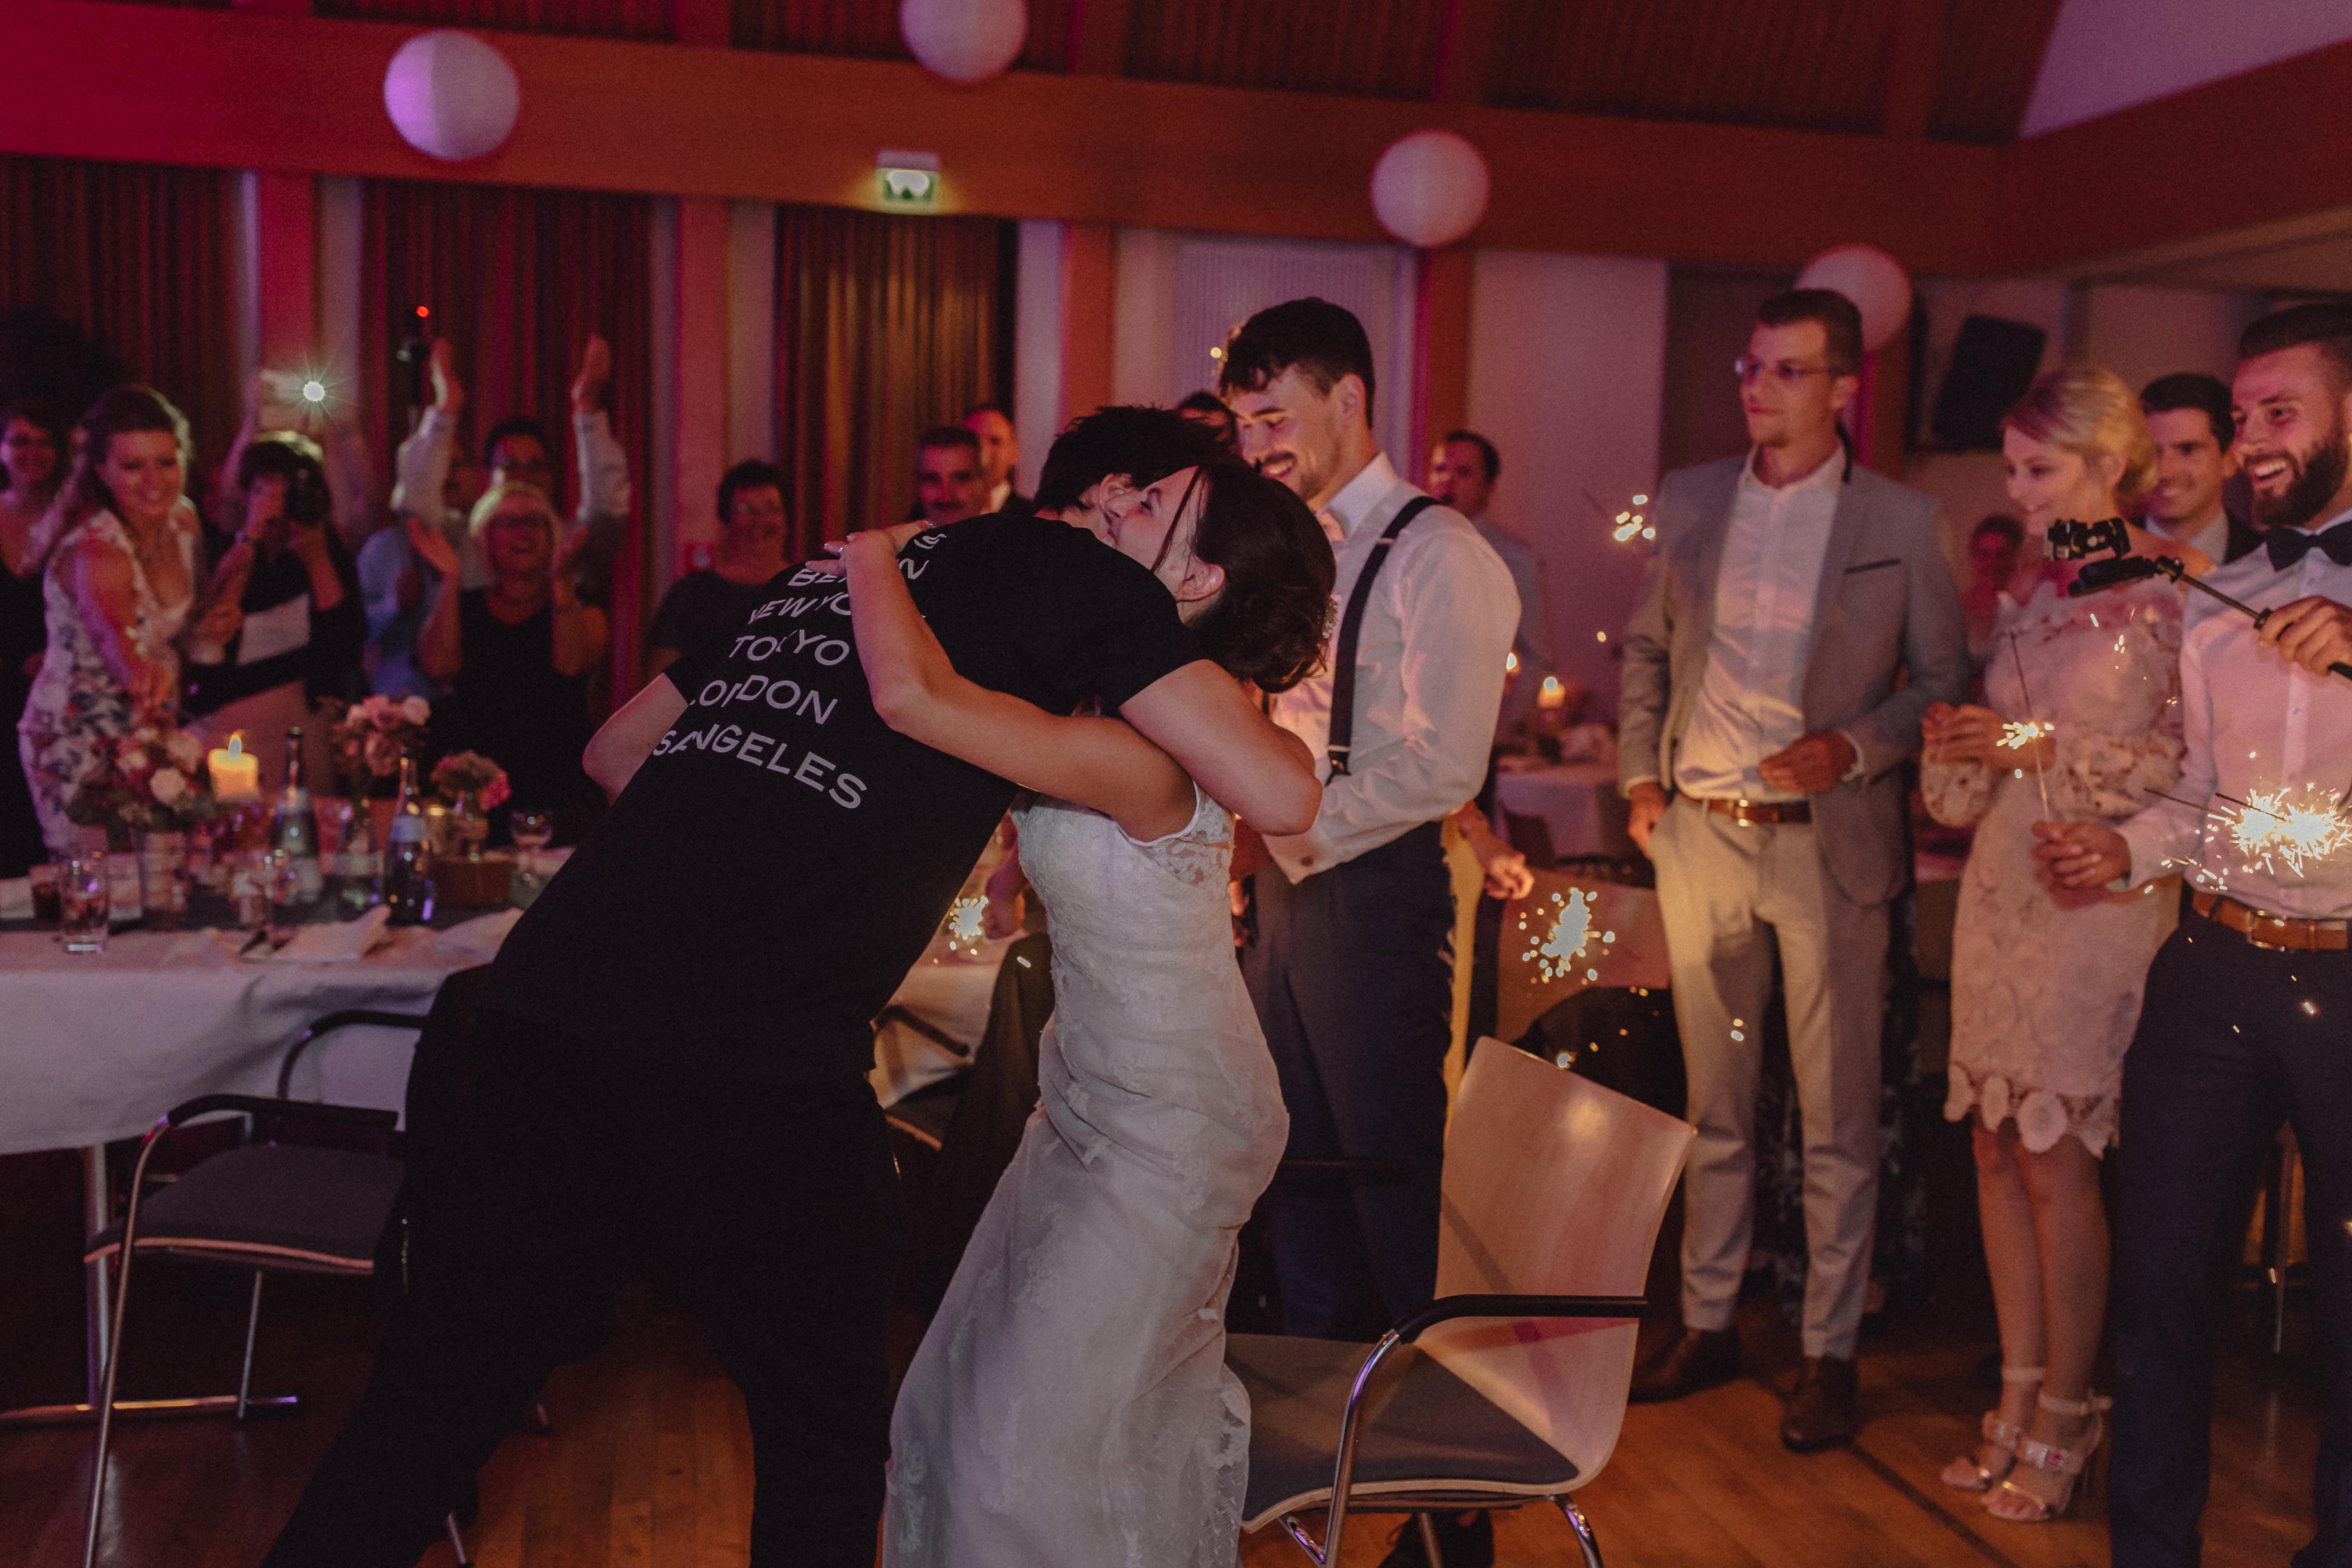 URBANERIE_Daniela_Goth_Hochzeitsfotografin_Nürnberg_Fürth_Erlangen_Schwabach_170715_1206